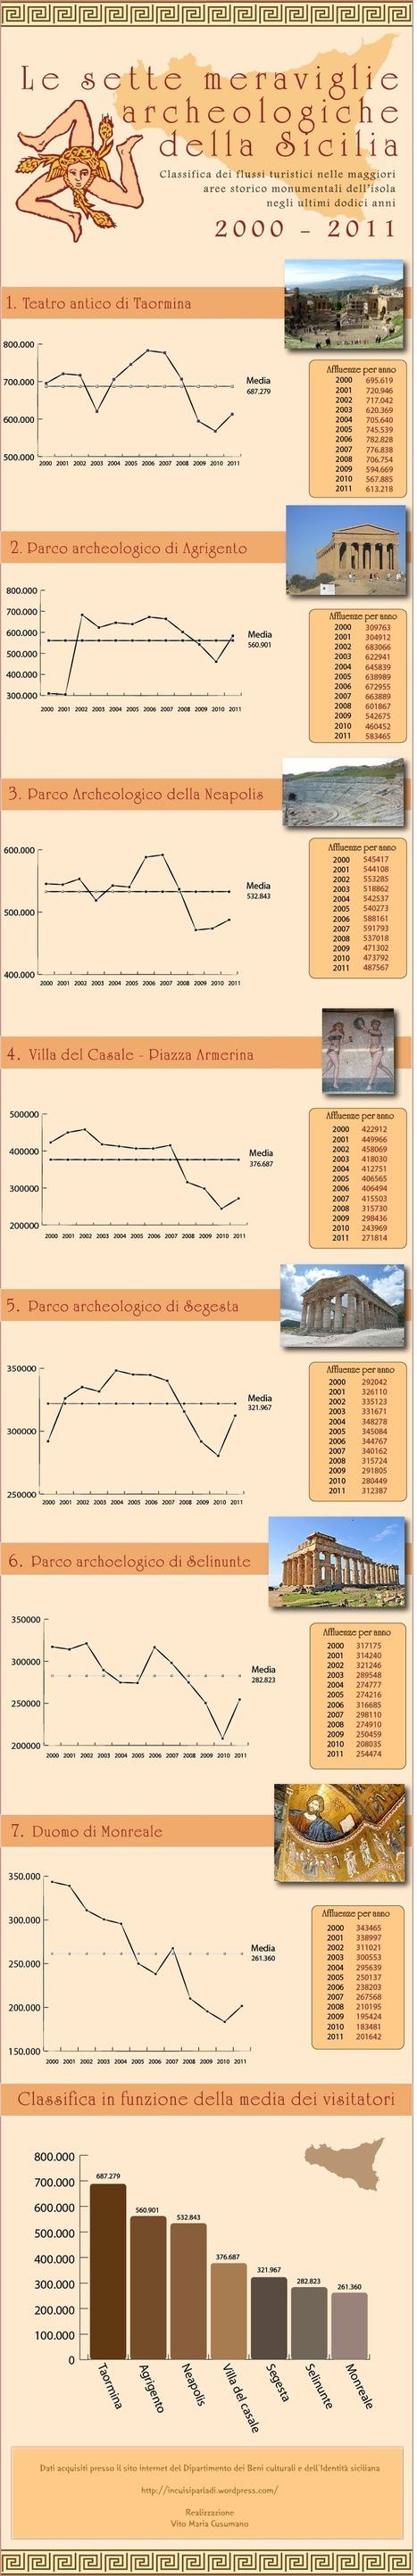 Turismo culturale in sicilia: 12 anni di lento declino | incuisiparladi | Scoop.it